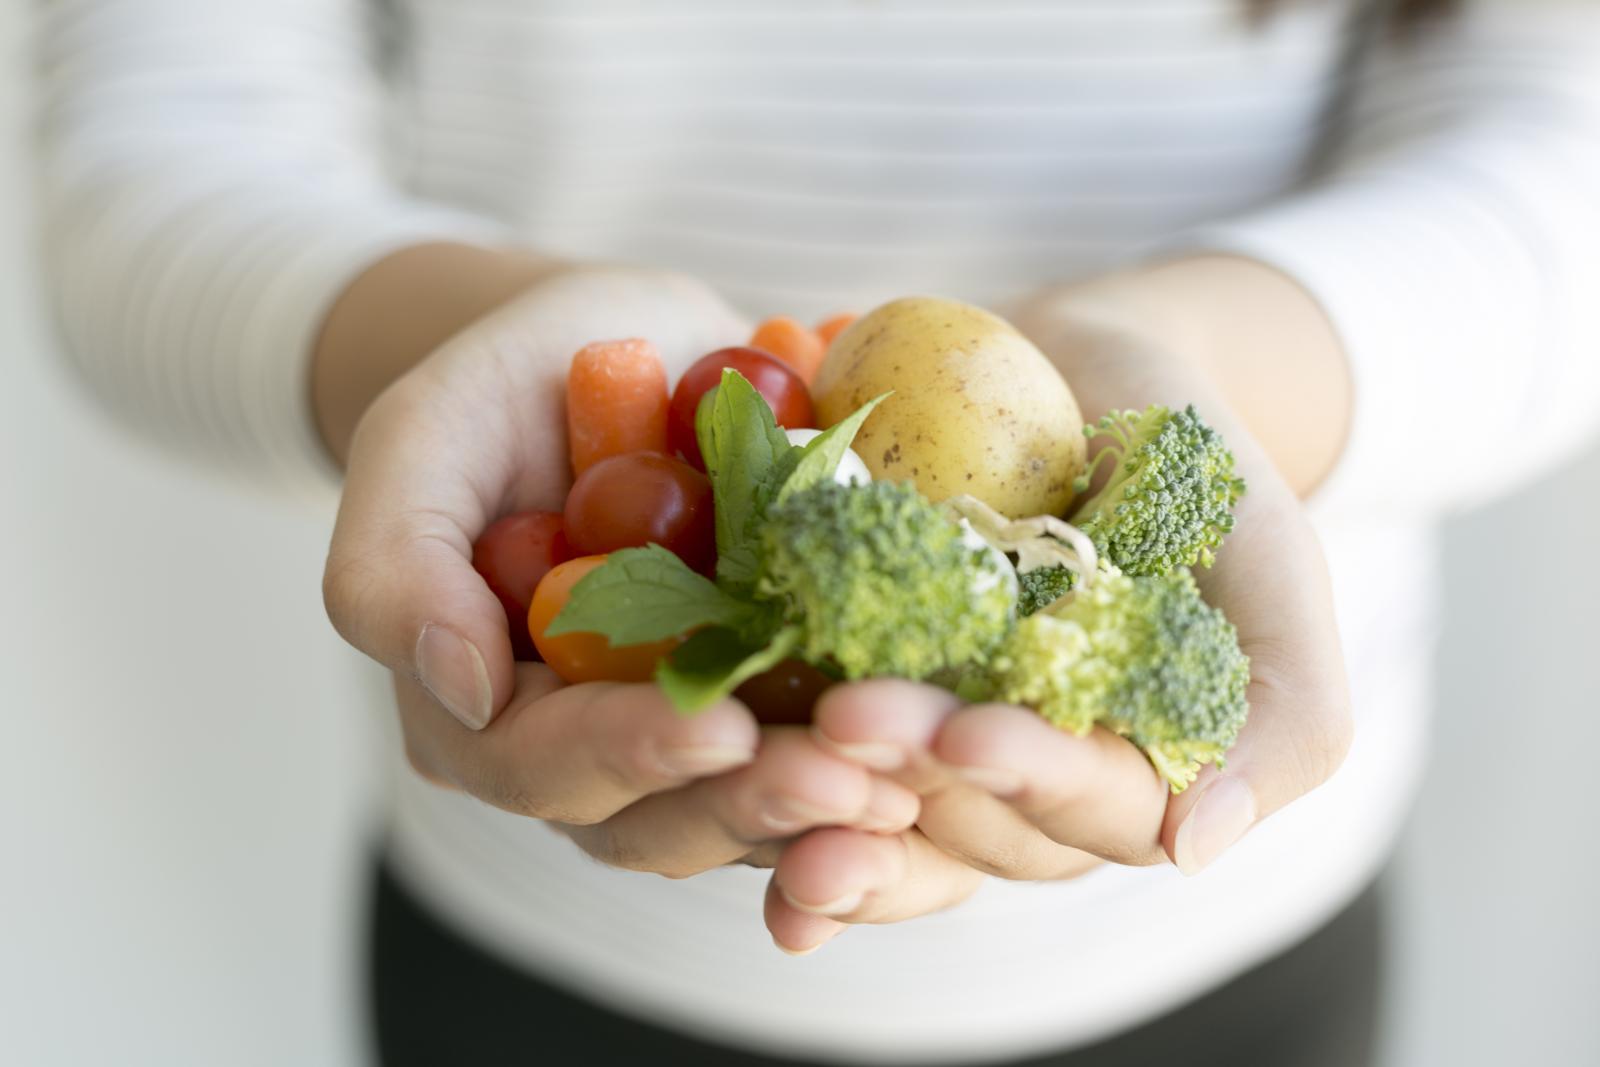 Основу питания вегетарианцев составляют овощи, фрукты, крупы, бобовые, зелень, растительные масла, орехи.